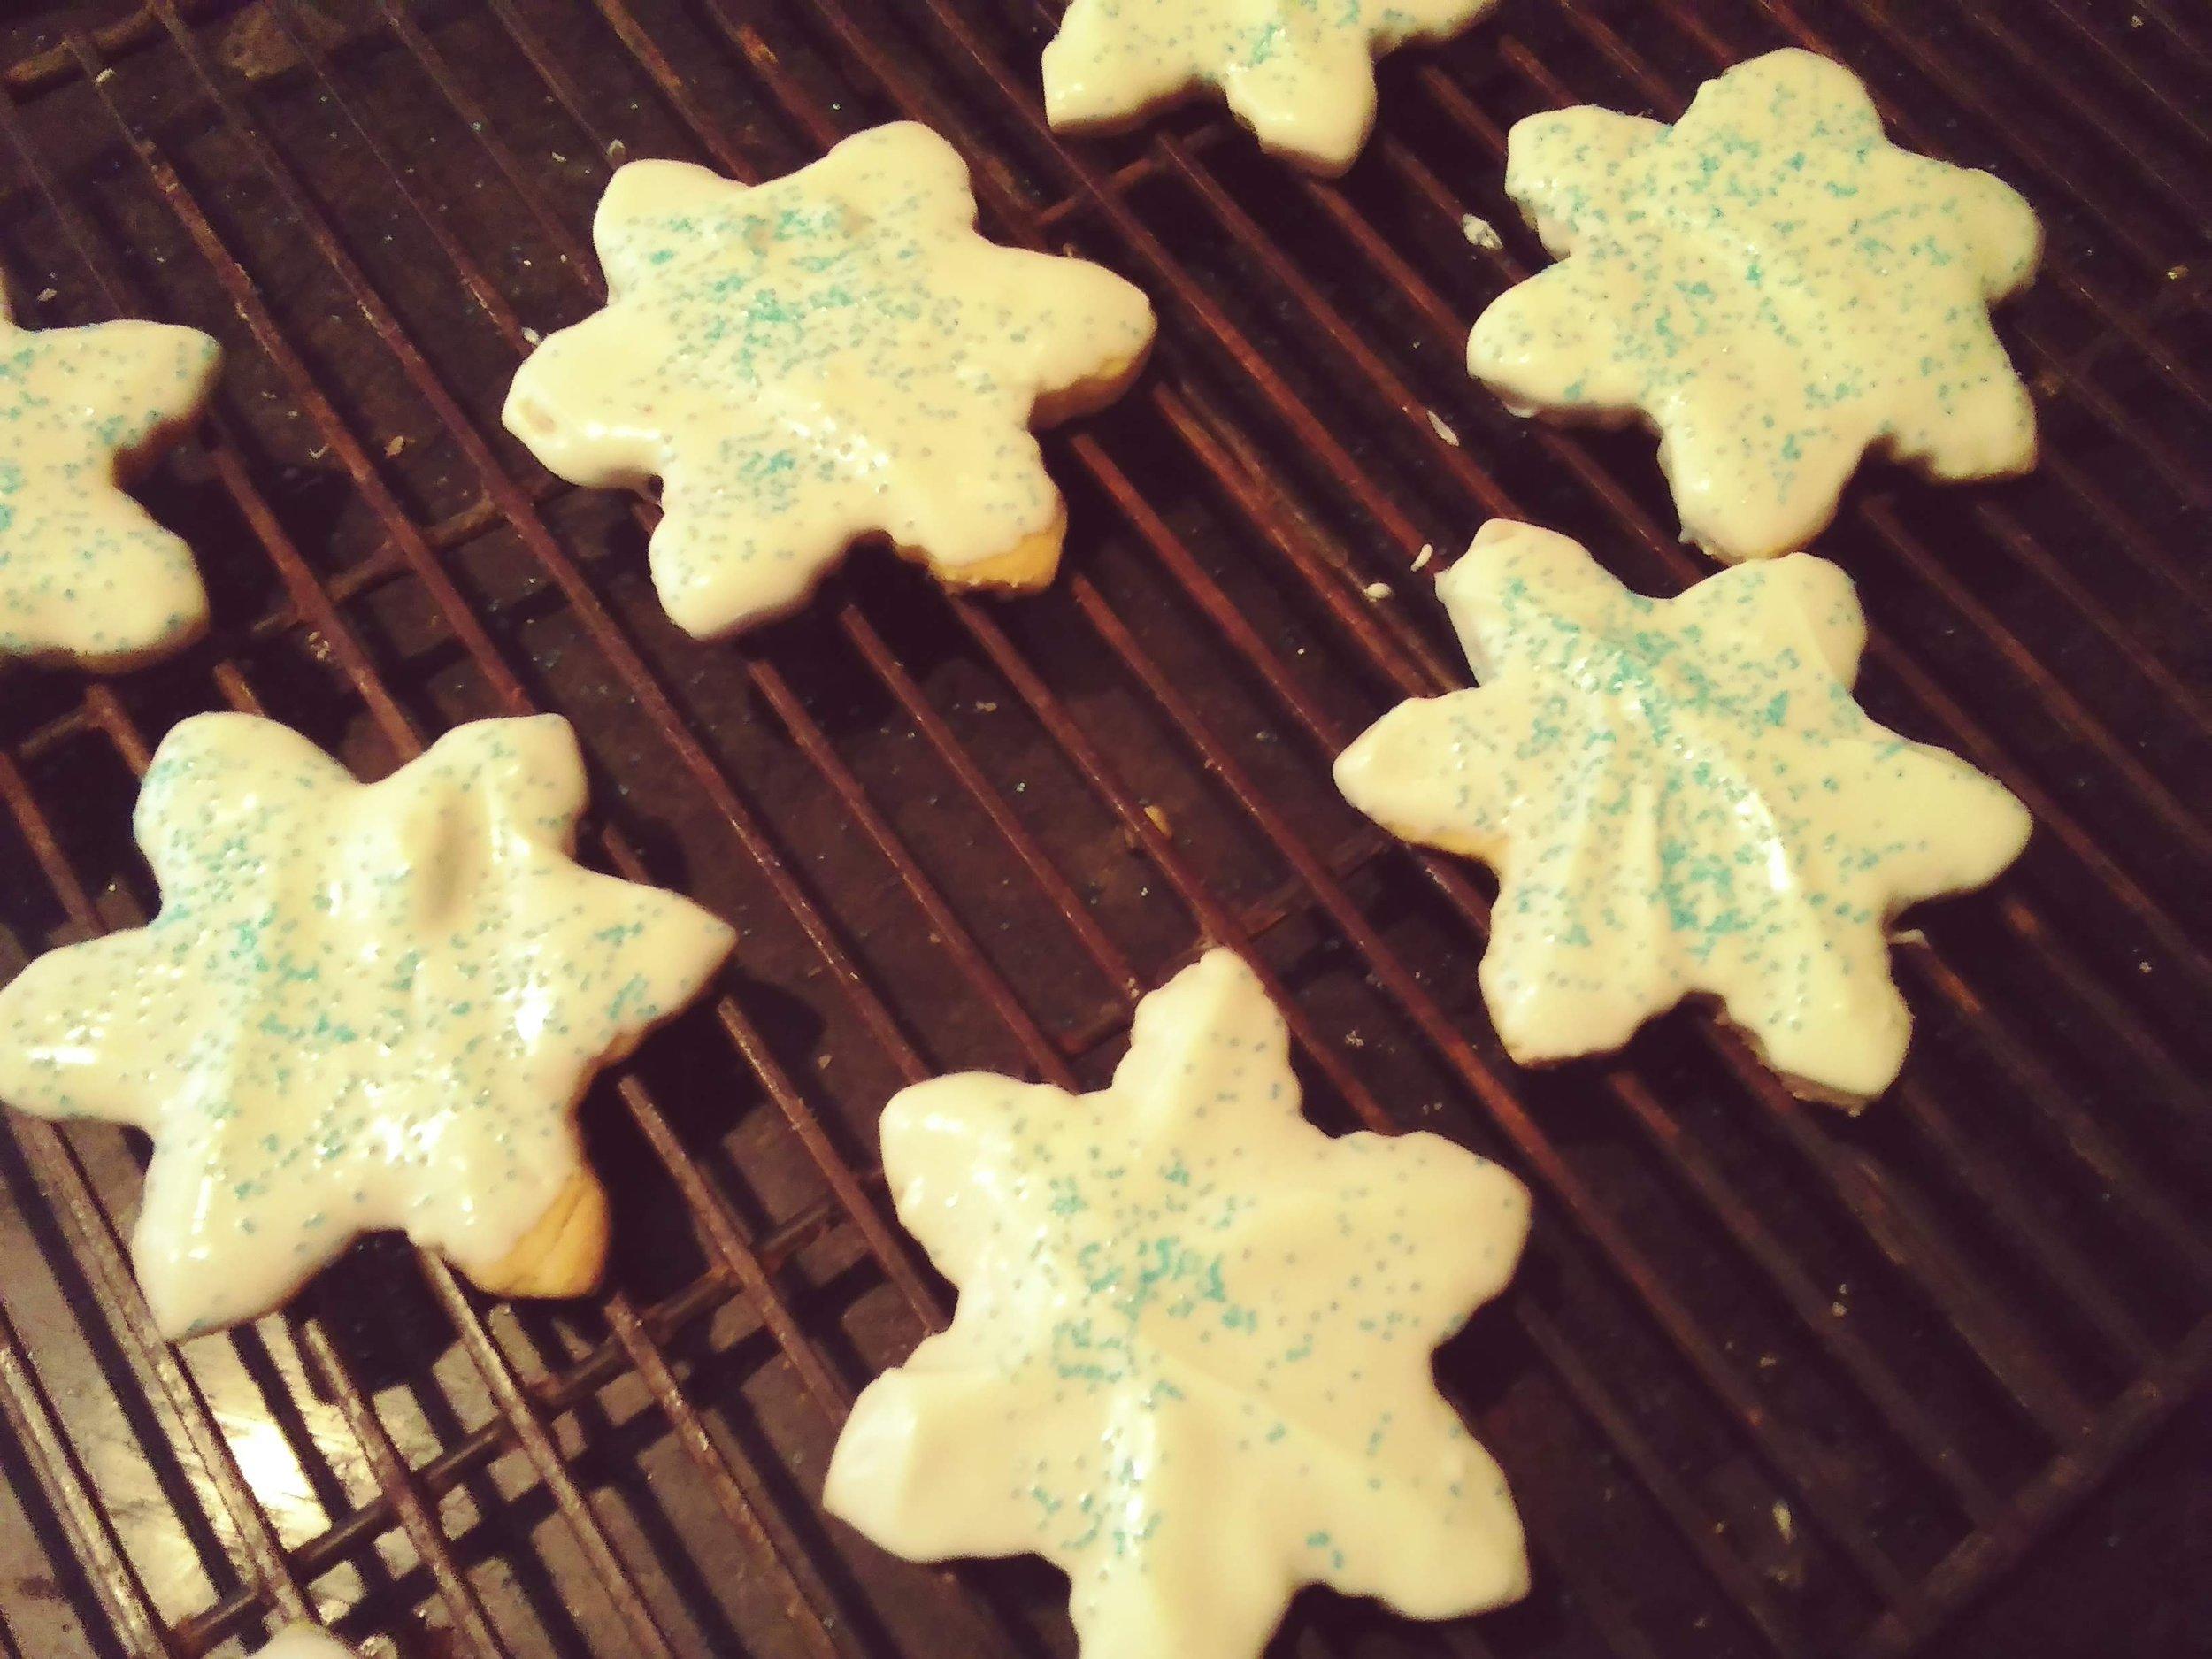 WhiteChocolateSnowflakes